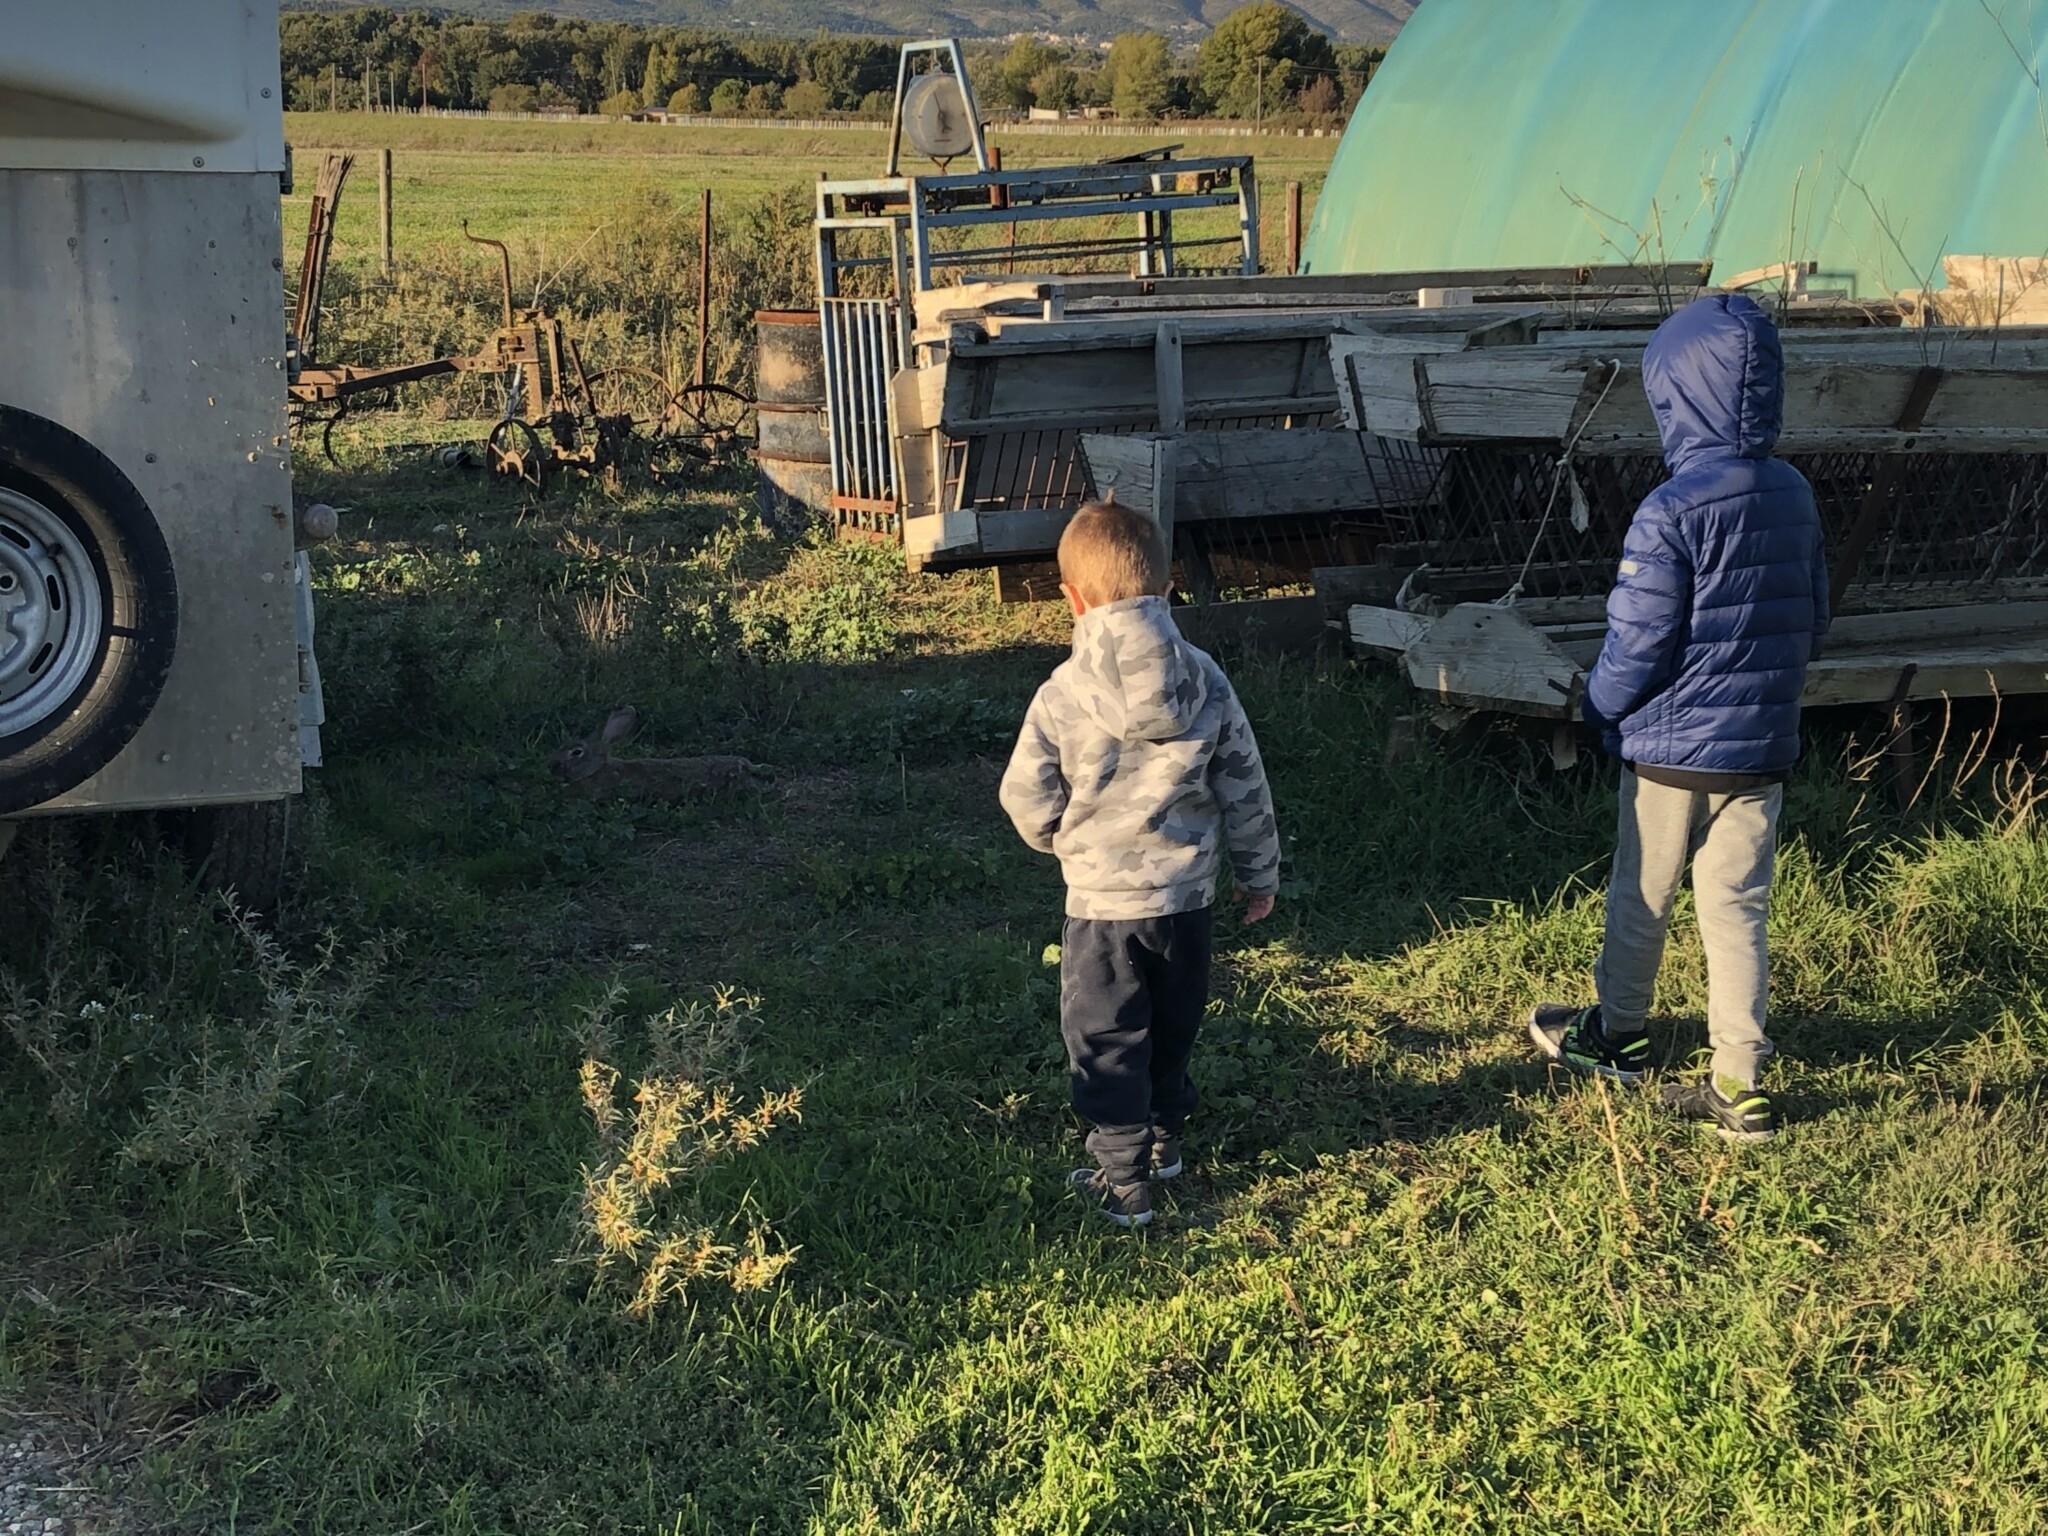 Enfant Zéro Déchet : 6 Gestes pour devenir éco-responsable